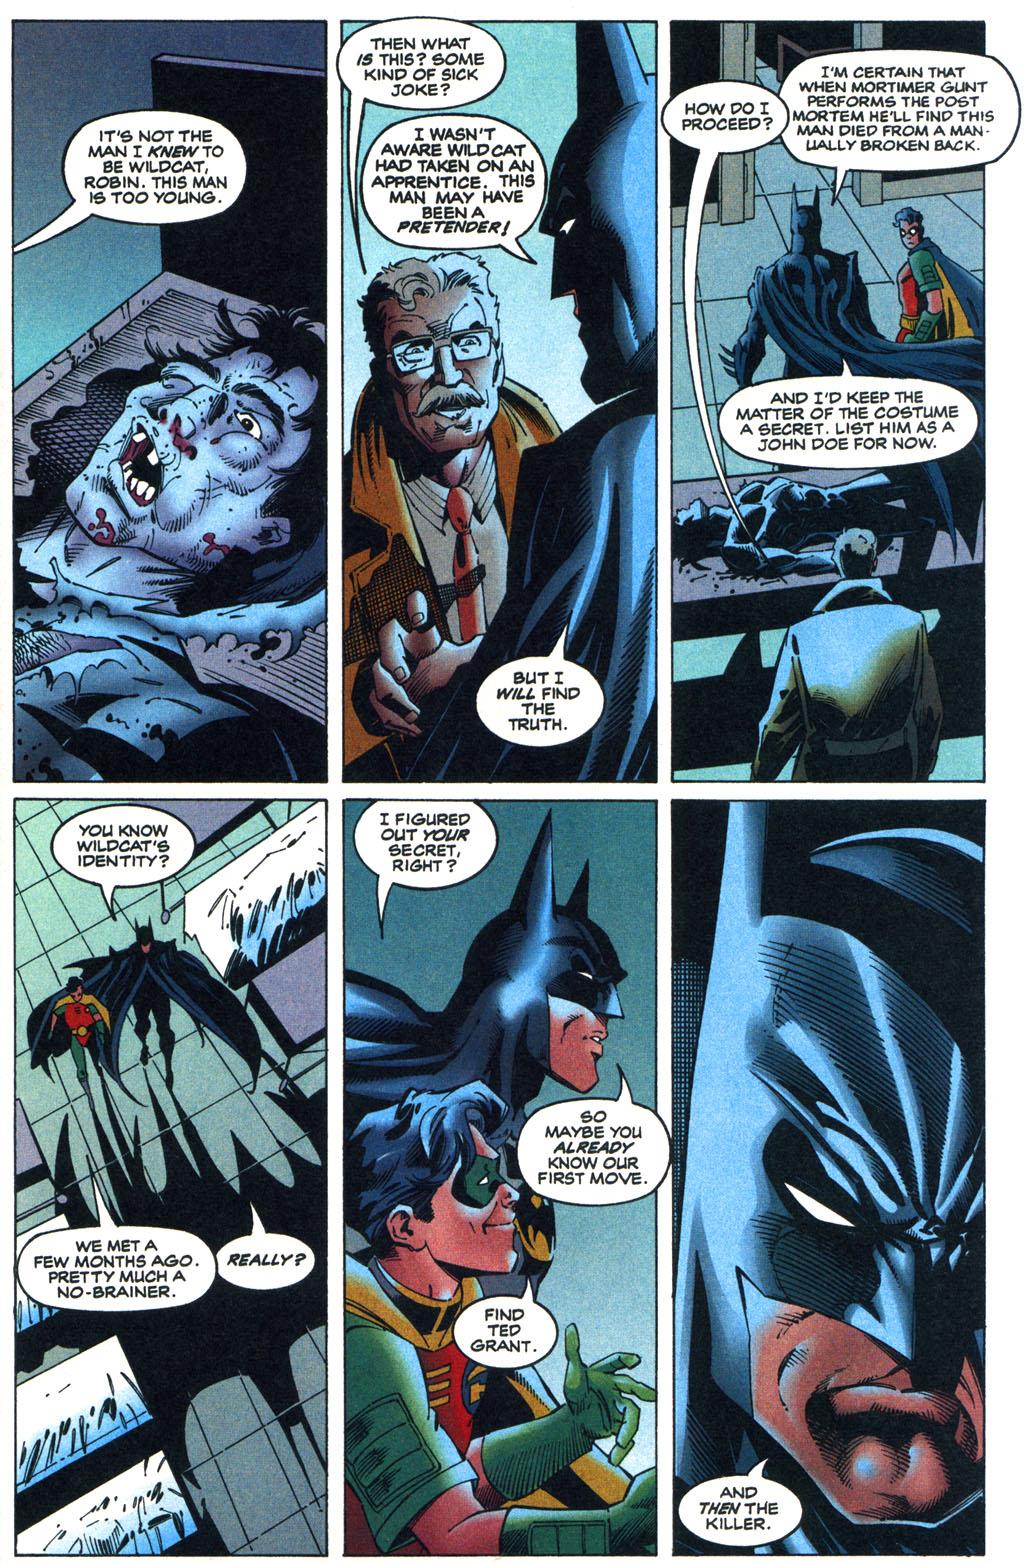 Read online Batman/Wildcat comic -  Issue #1 - 9